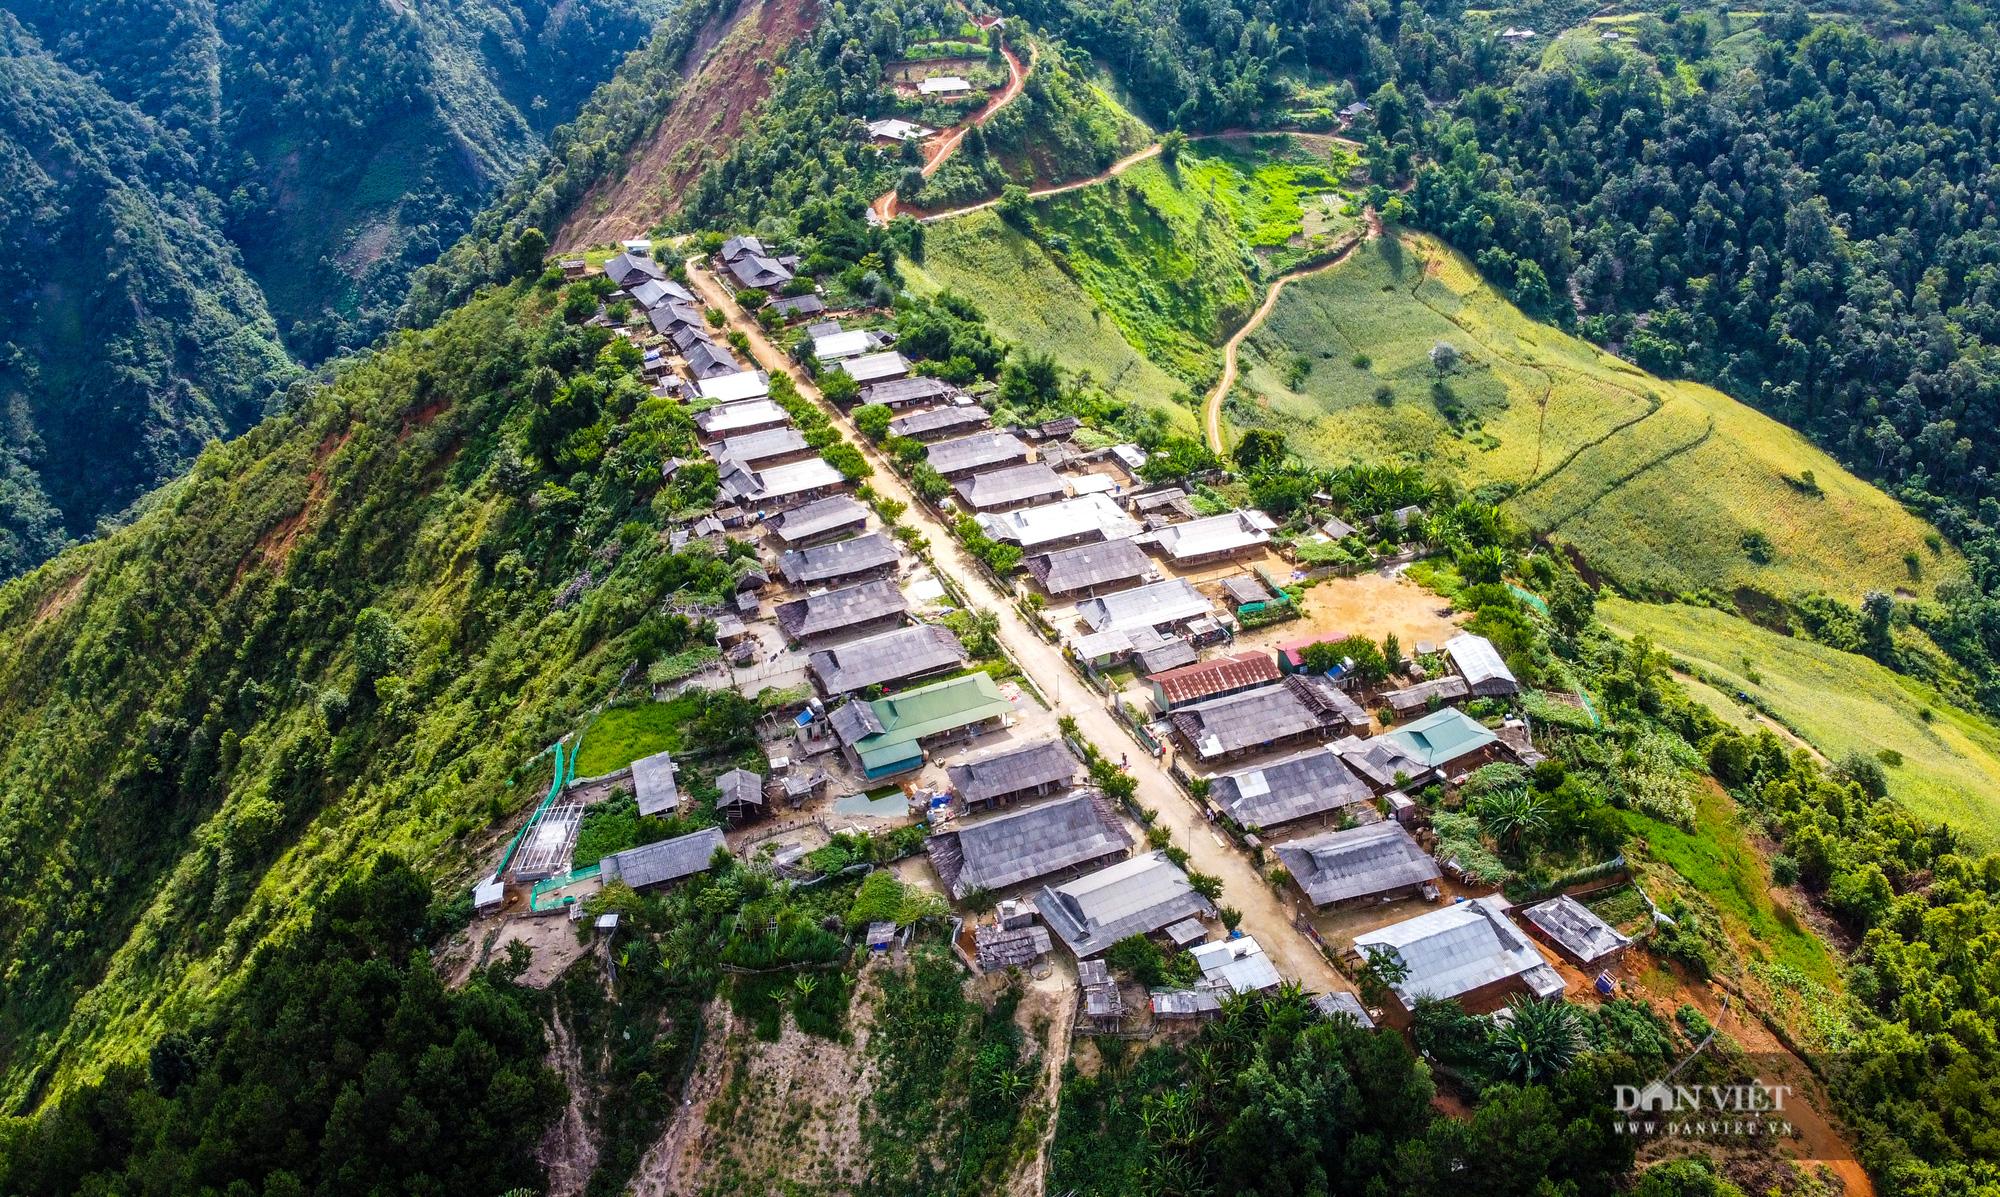 Cu Vai: Bản làng bằng phẳng đẹp nhất của người H'Mông - Ảnh 1.